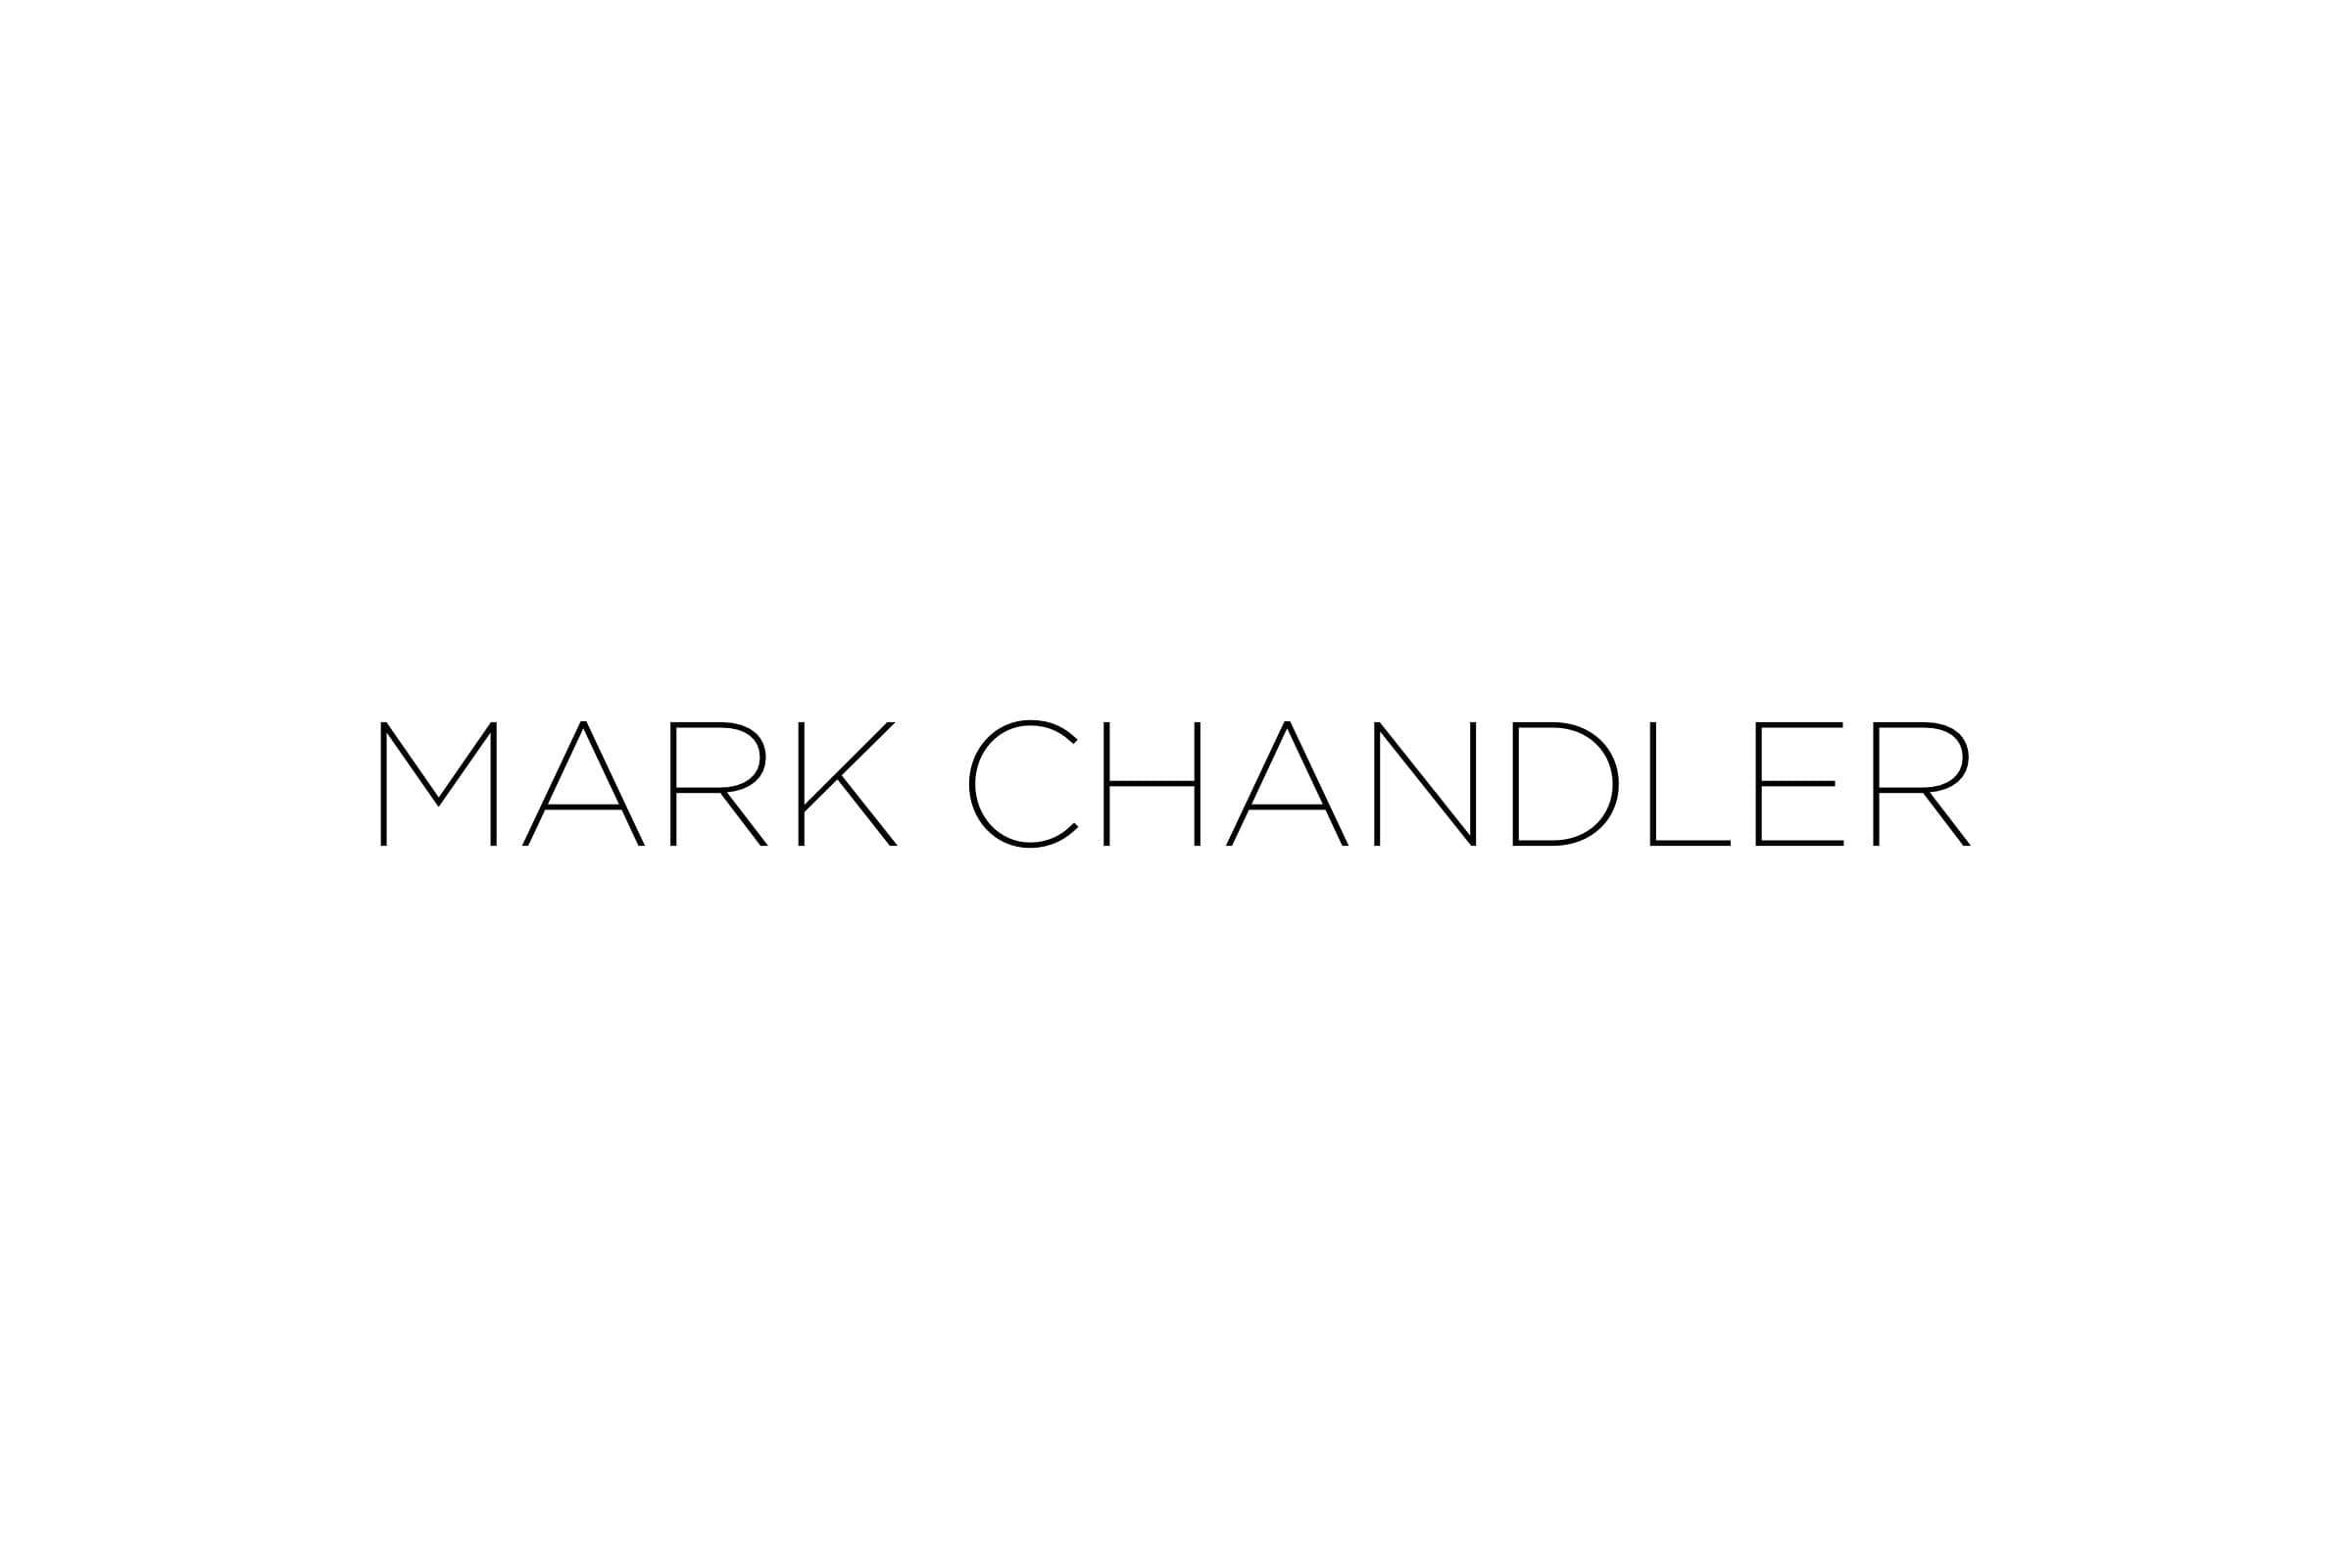 Mark Chandler's wordmark.